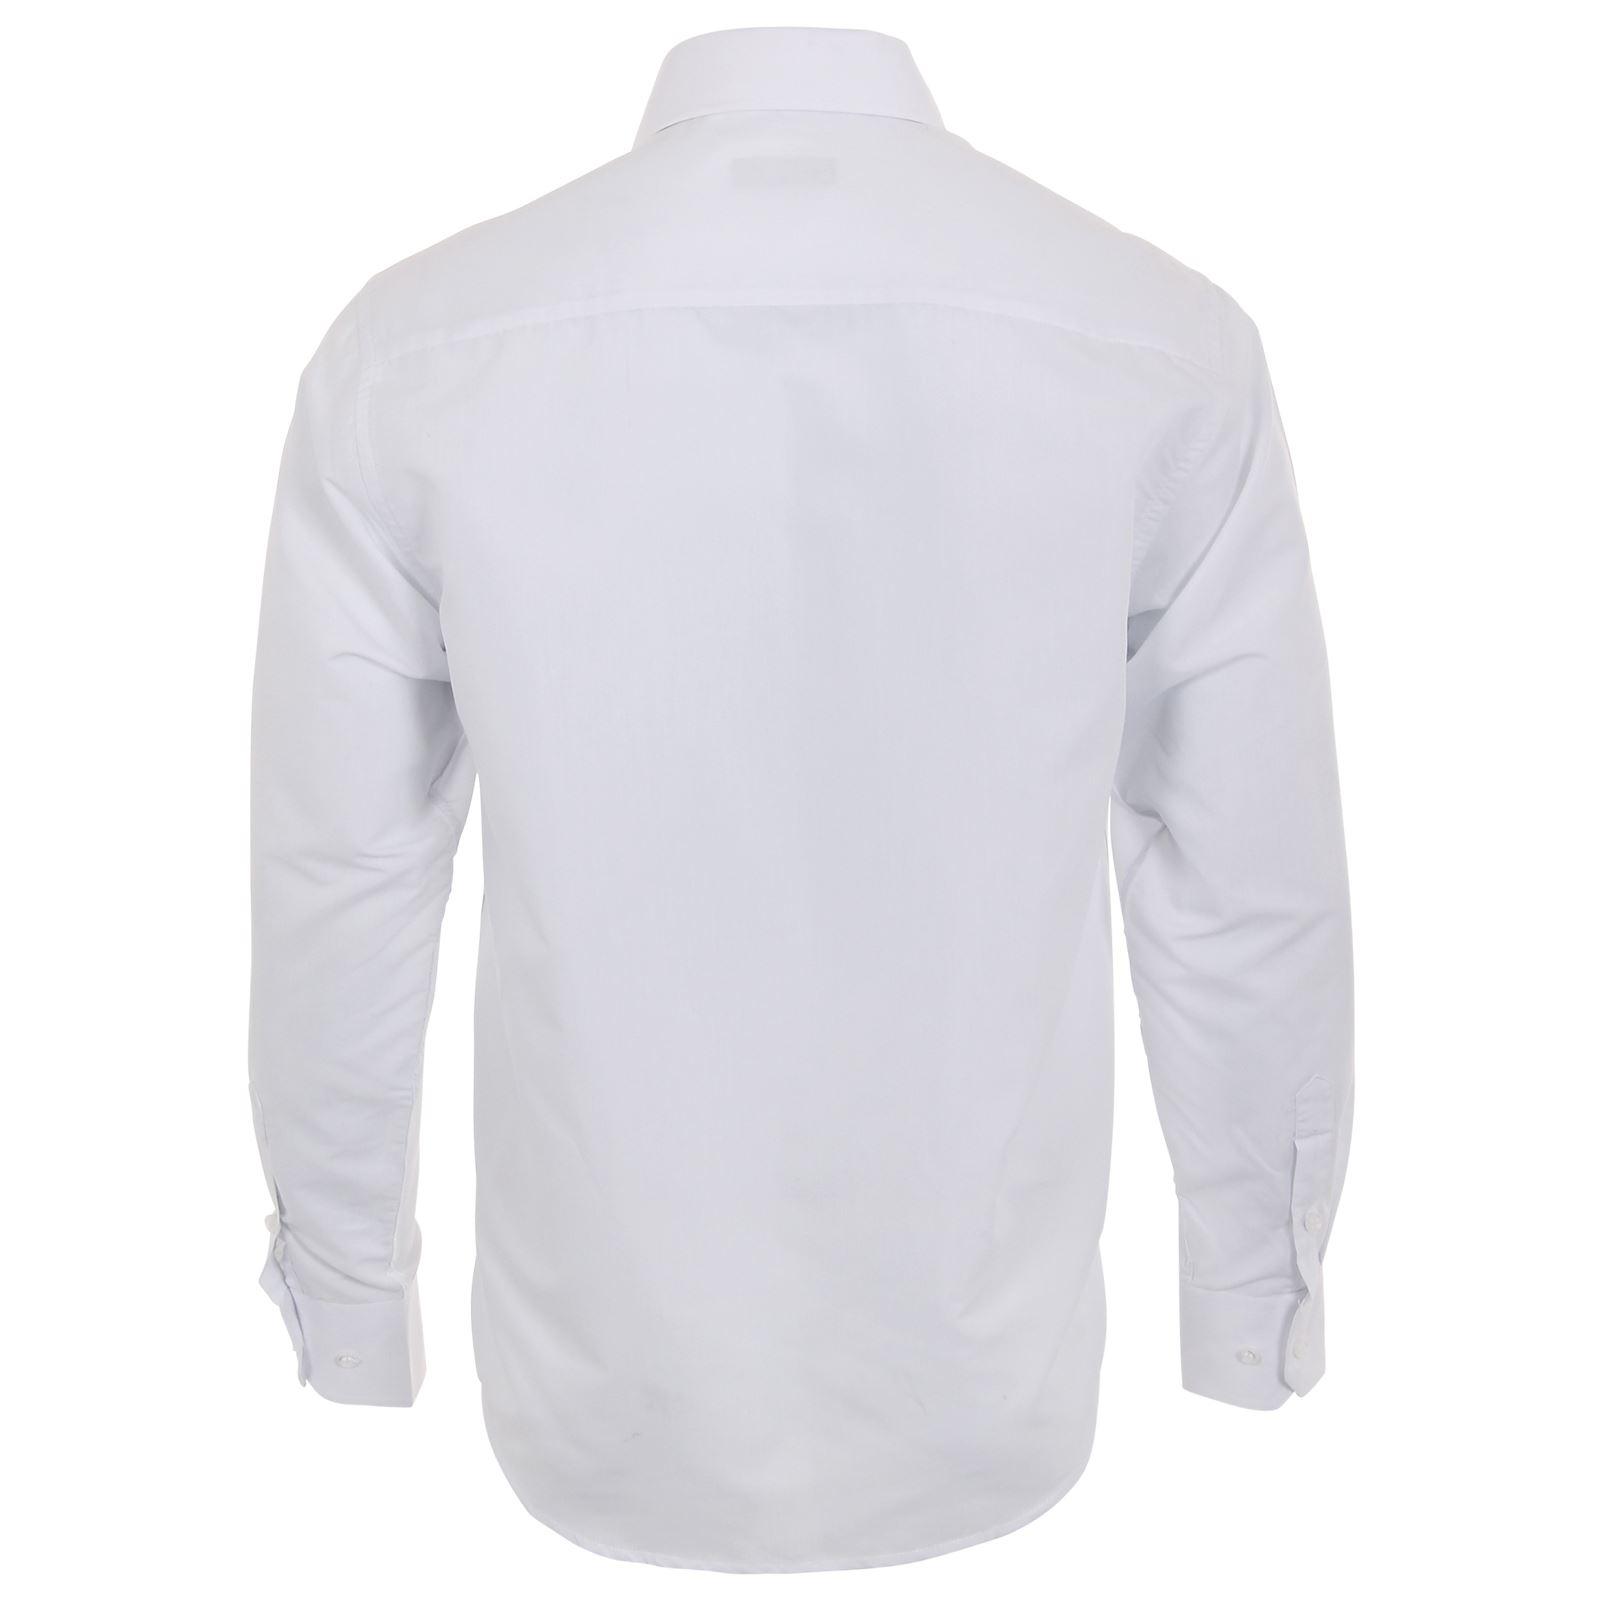 Mens-Menswear-Long-Sleeve-Smart-Casual-Plain-Business-Formal-Button-Dress-Shirt